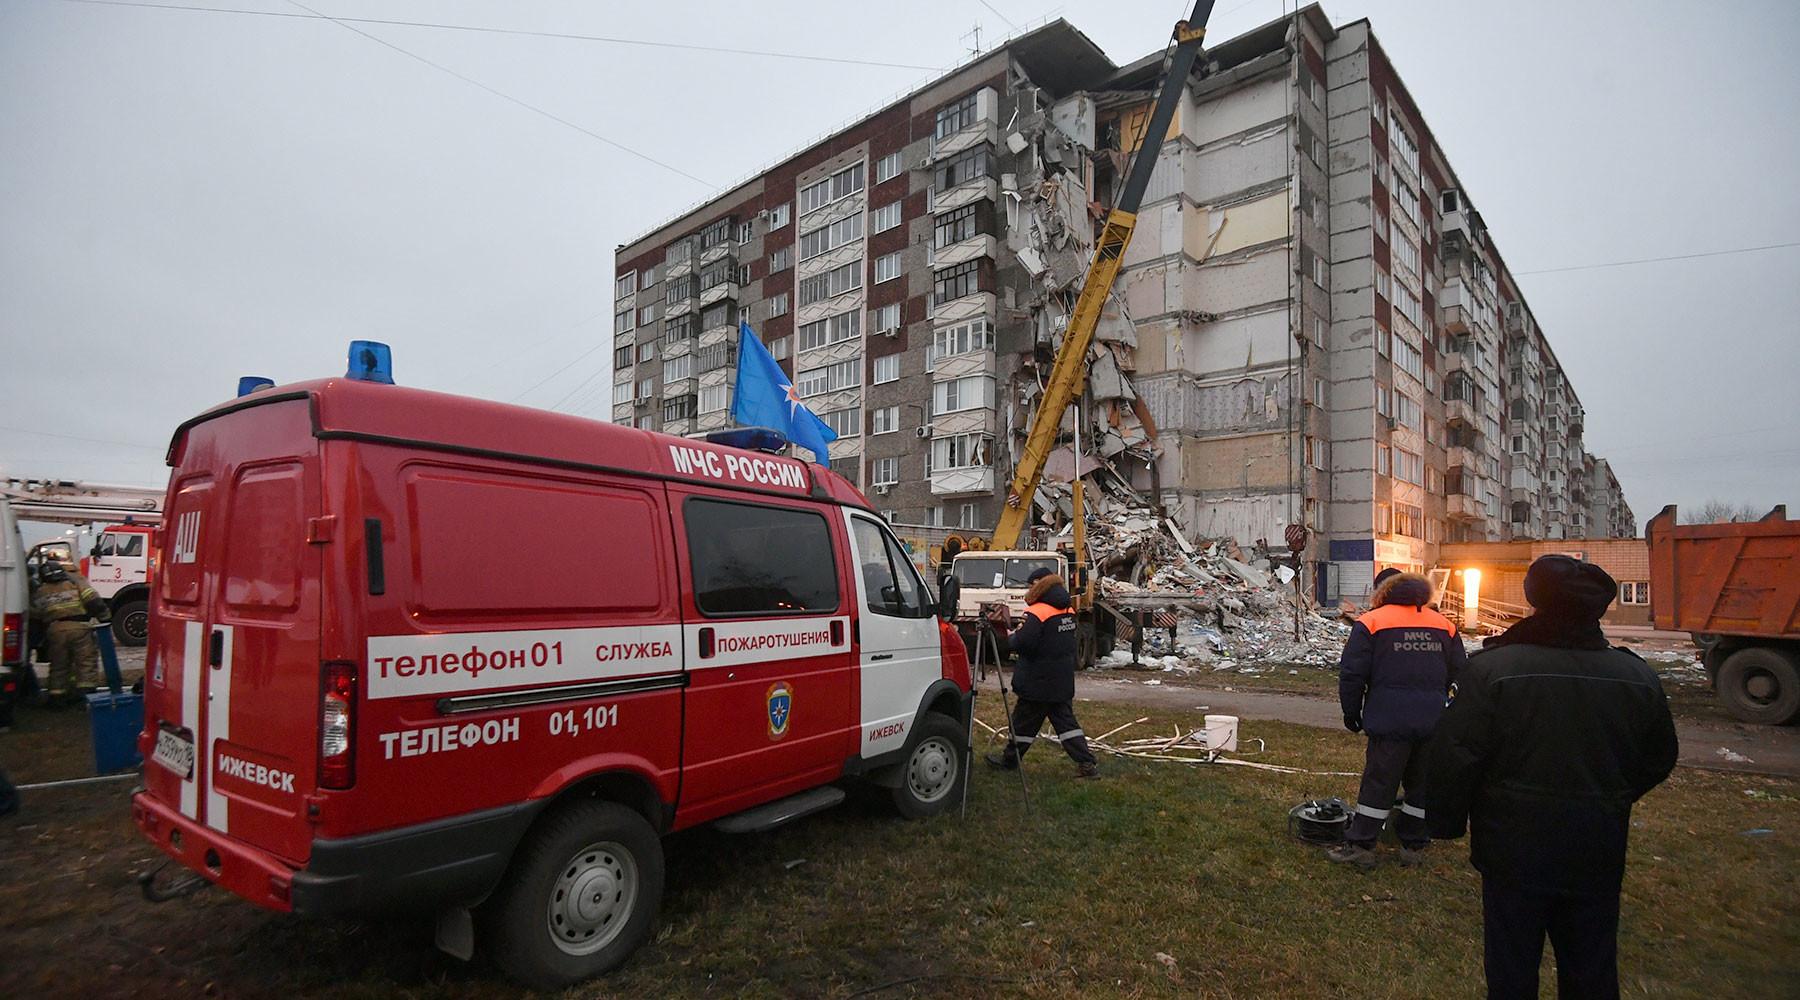 В кратчайшие сроки: пострадавшие при обрушении дома в Ижевске получат новое жильё